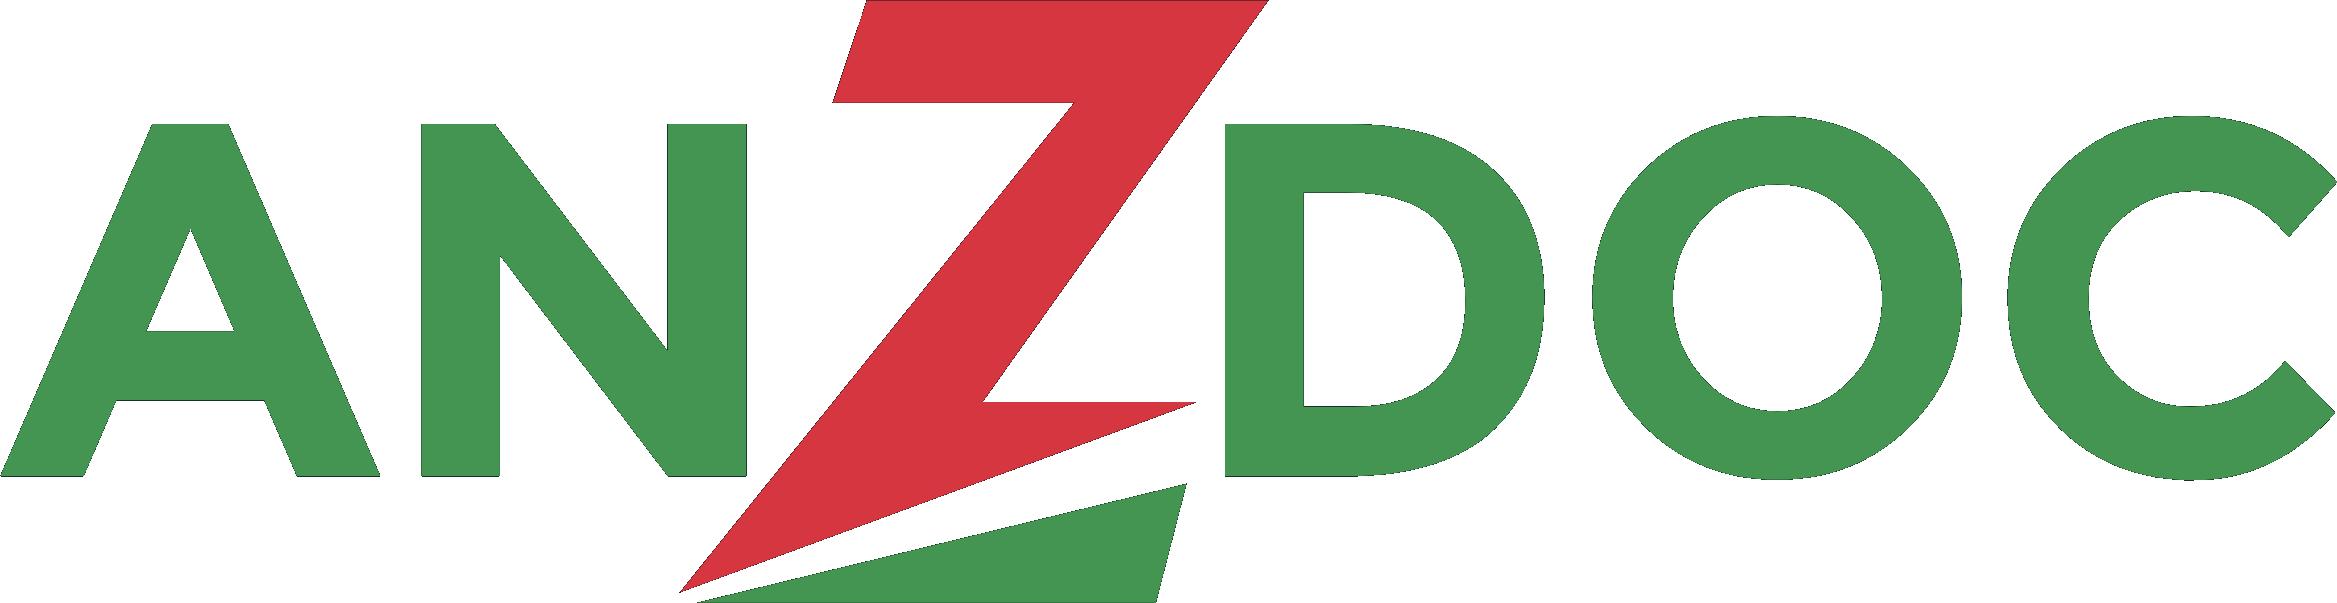 A VISSZEREKRŐL - Dr. Járányi Zszuzsanna érsebész - Multi-Med X. Kft.